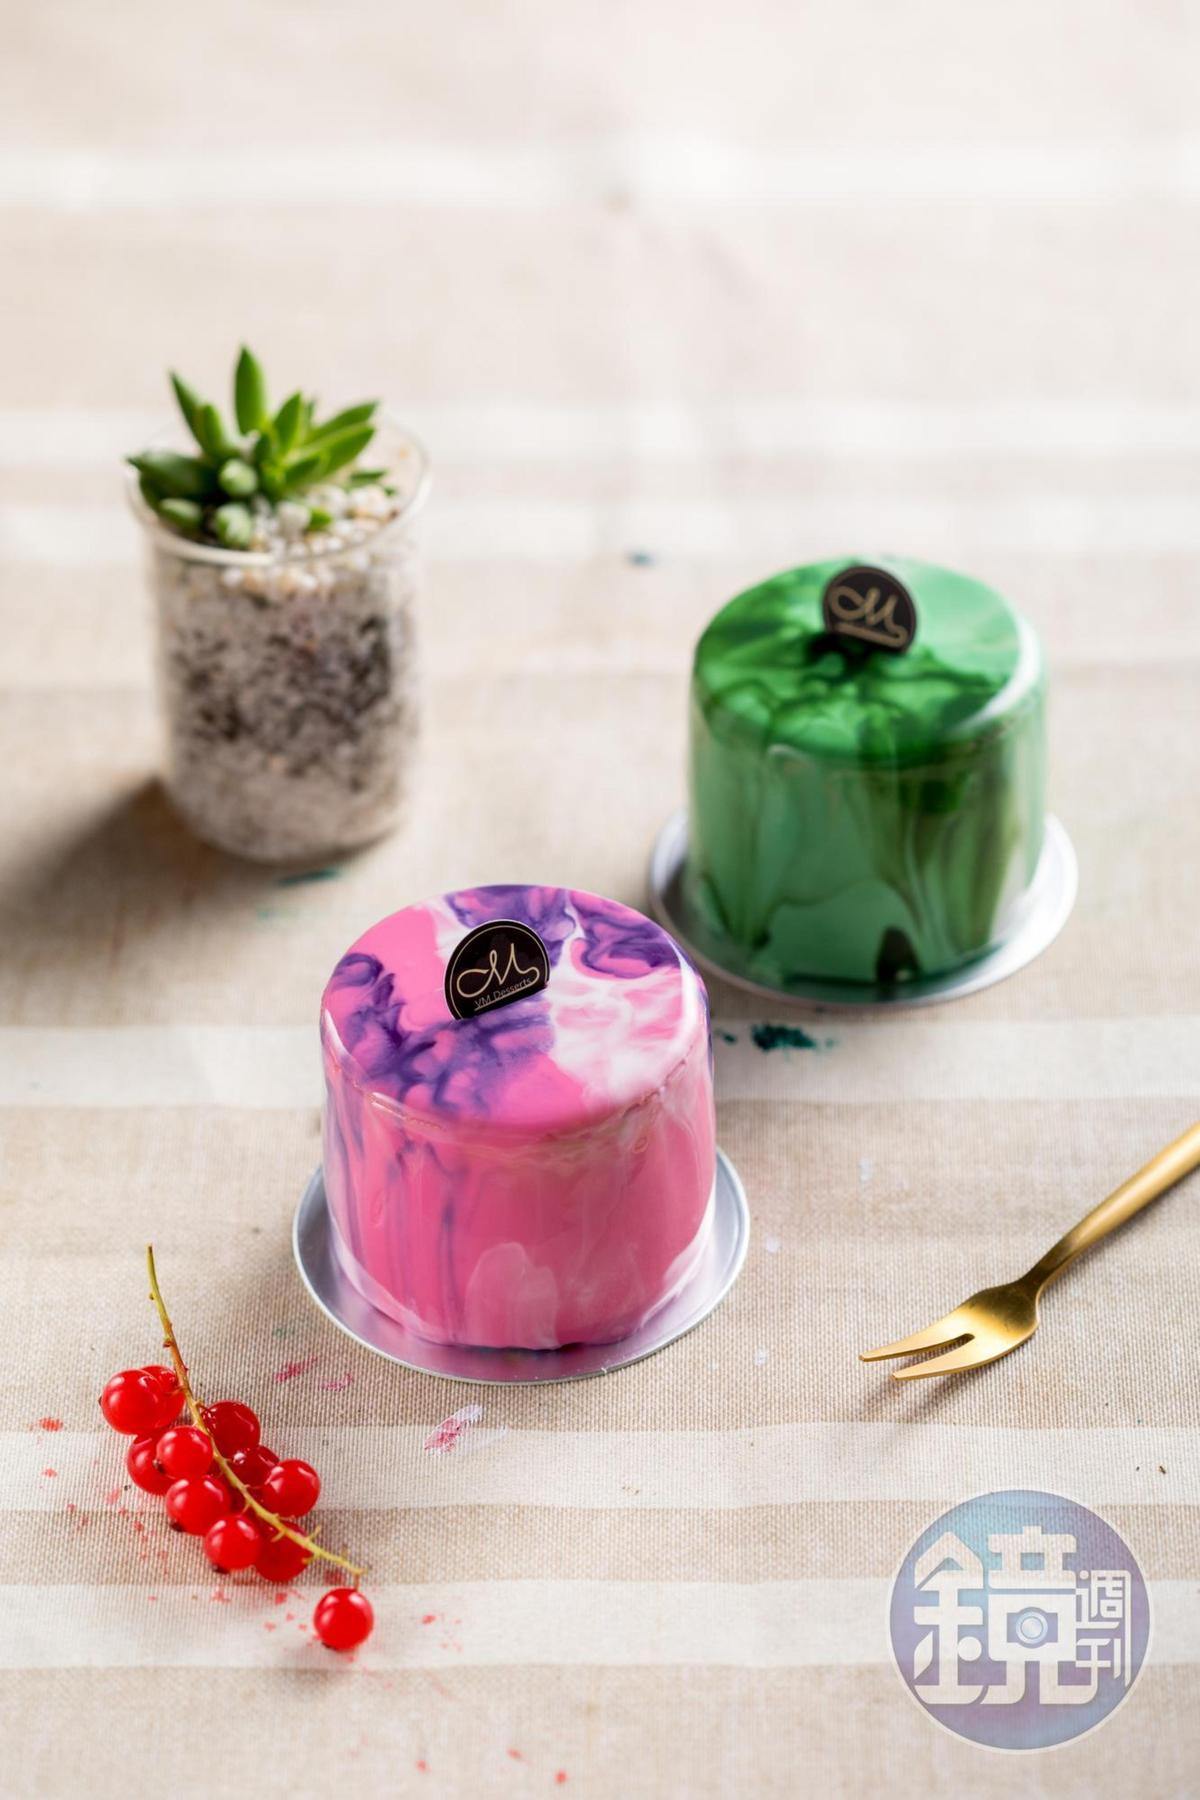 「星空系列」鏡面蛋糕單點350元,建議點附200元以下飲料的「雙人甜點組合」卡划算。(950元/套,飲料超價補差額)